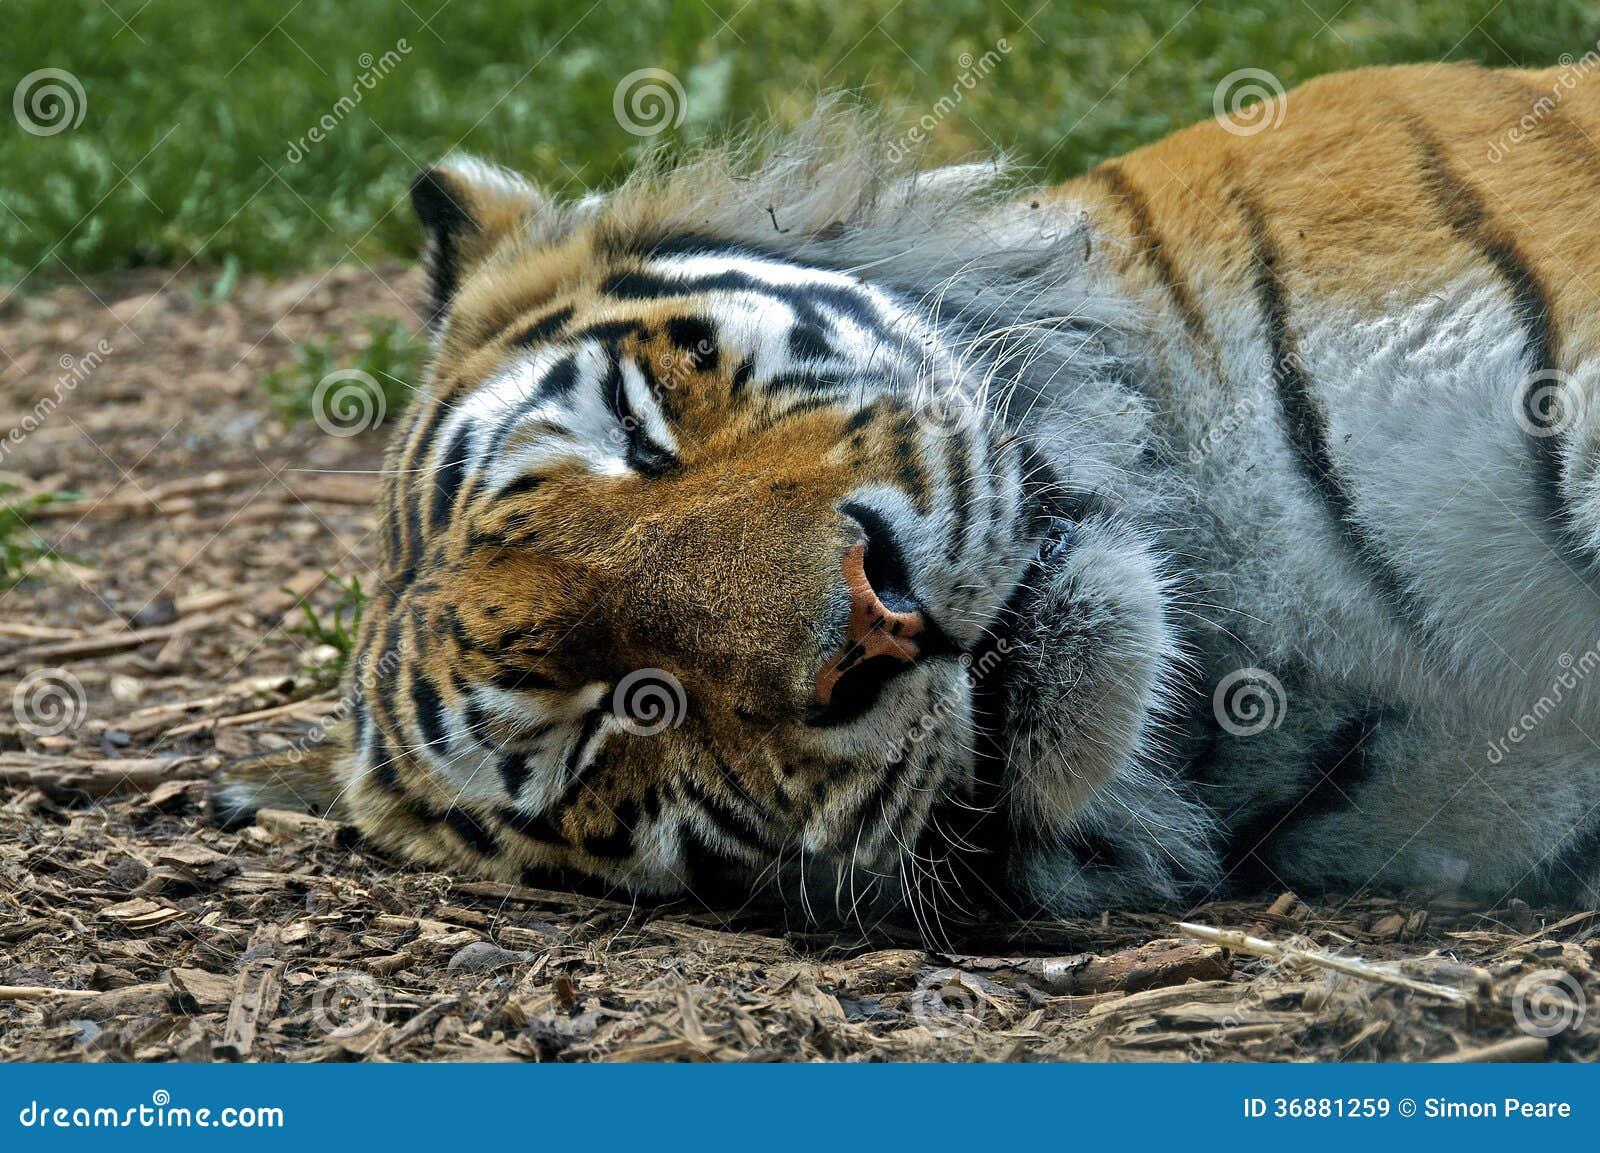 Download Tigre addormentata immagine stock. Immagine di pausa - 36881259